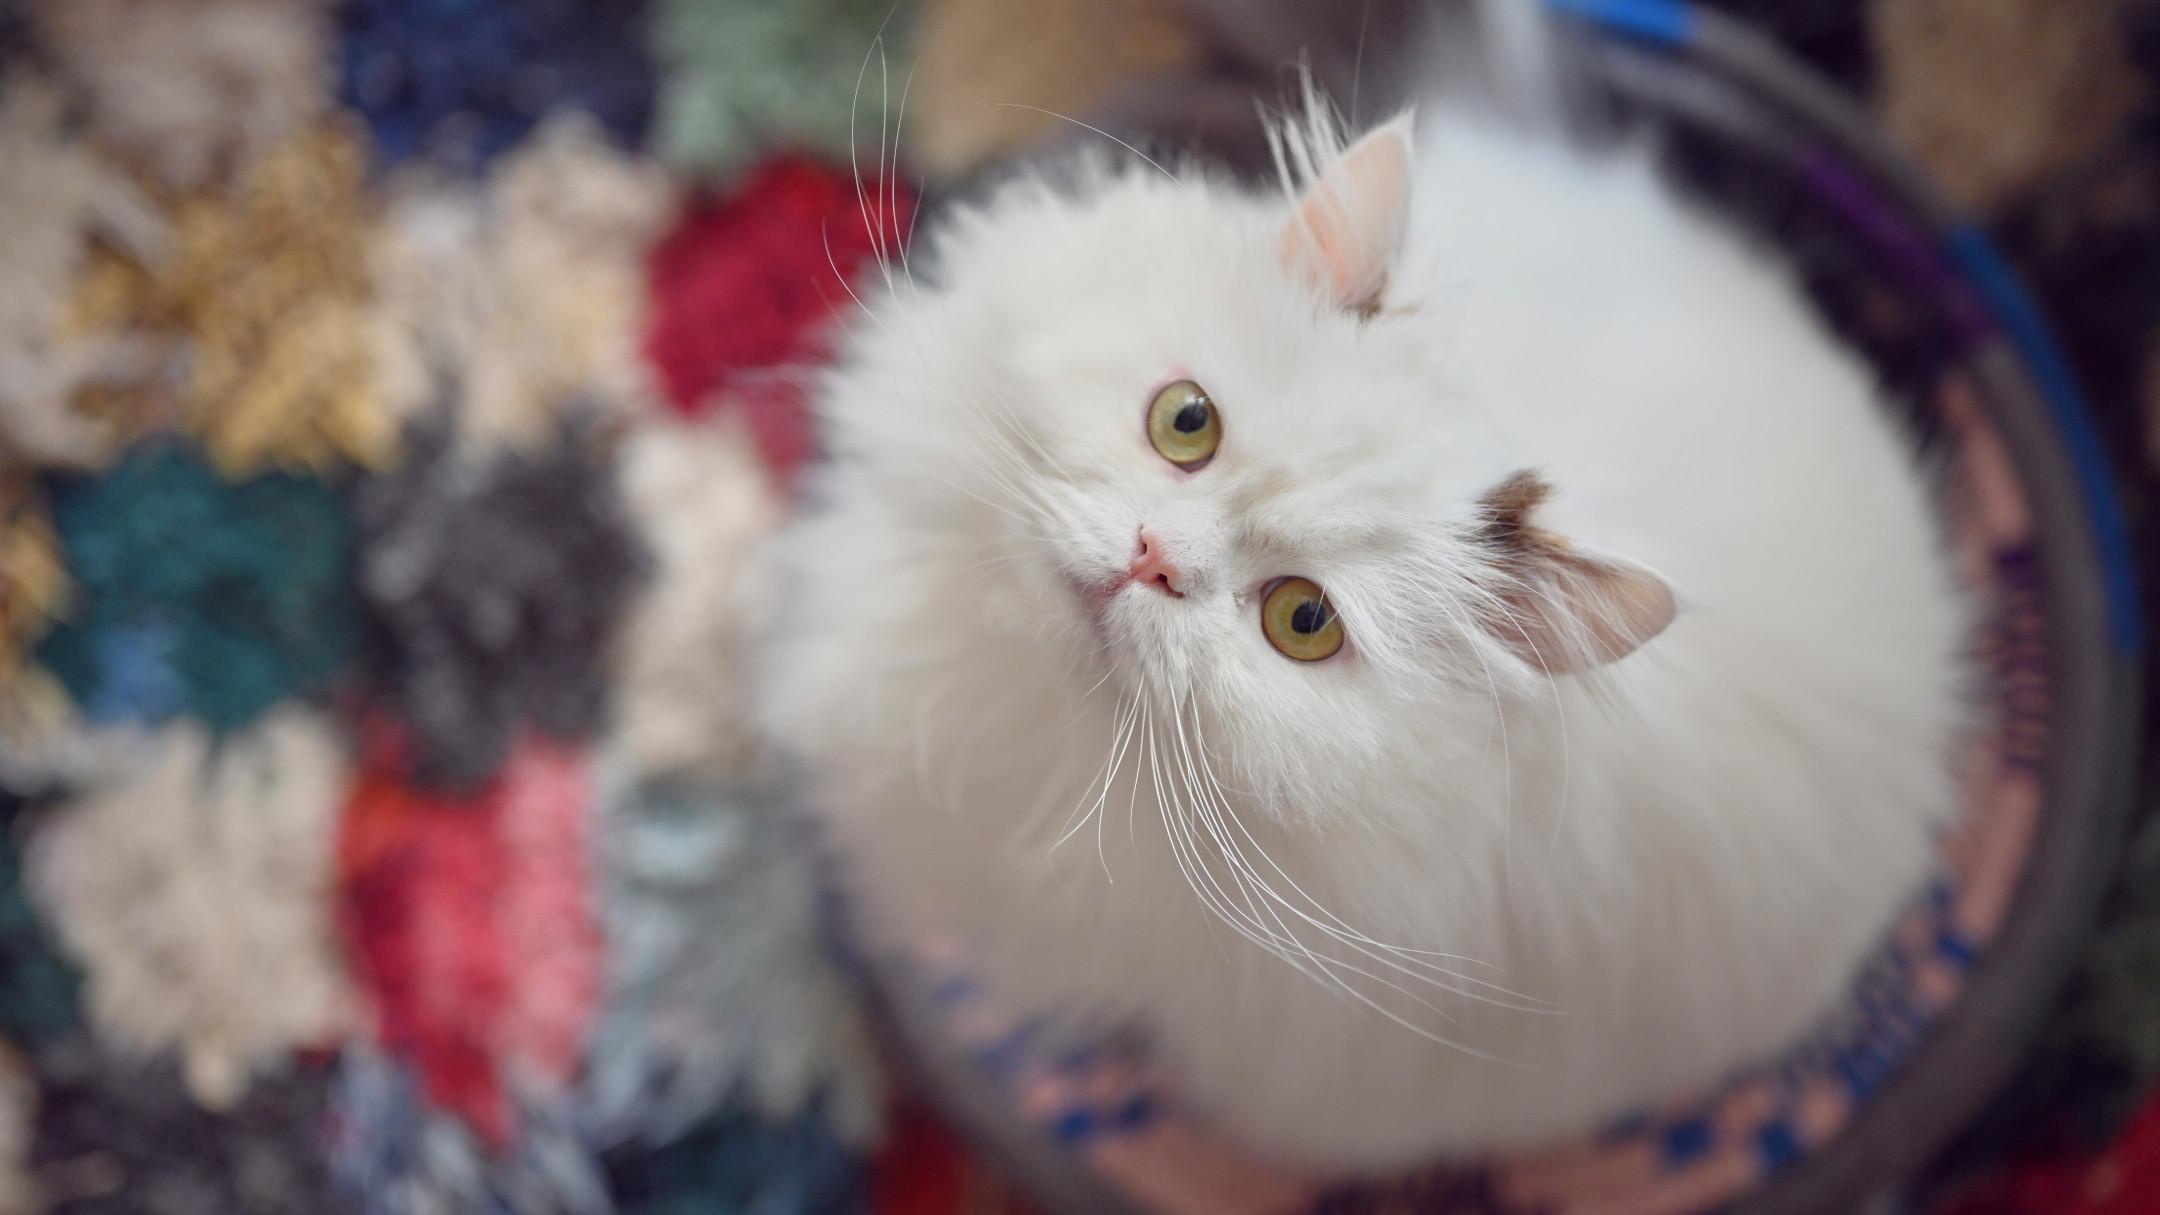 自宅でかわいく撮りたい!プロが教える、魅力を引き出す猫ポートレート